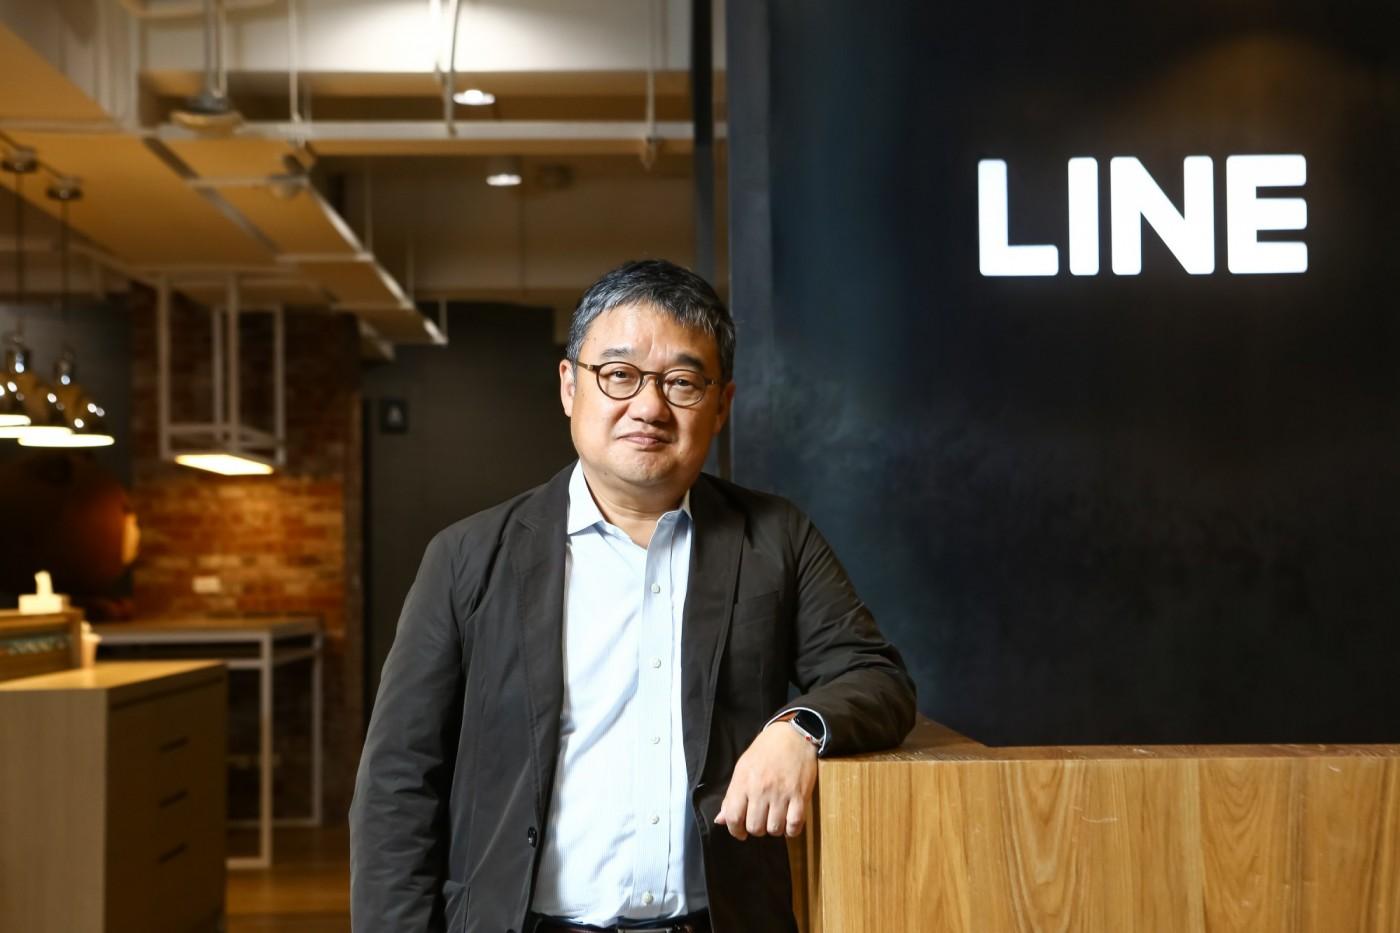 專心備戰純網銀,LINE財務長:併購銀行不在考量內